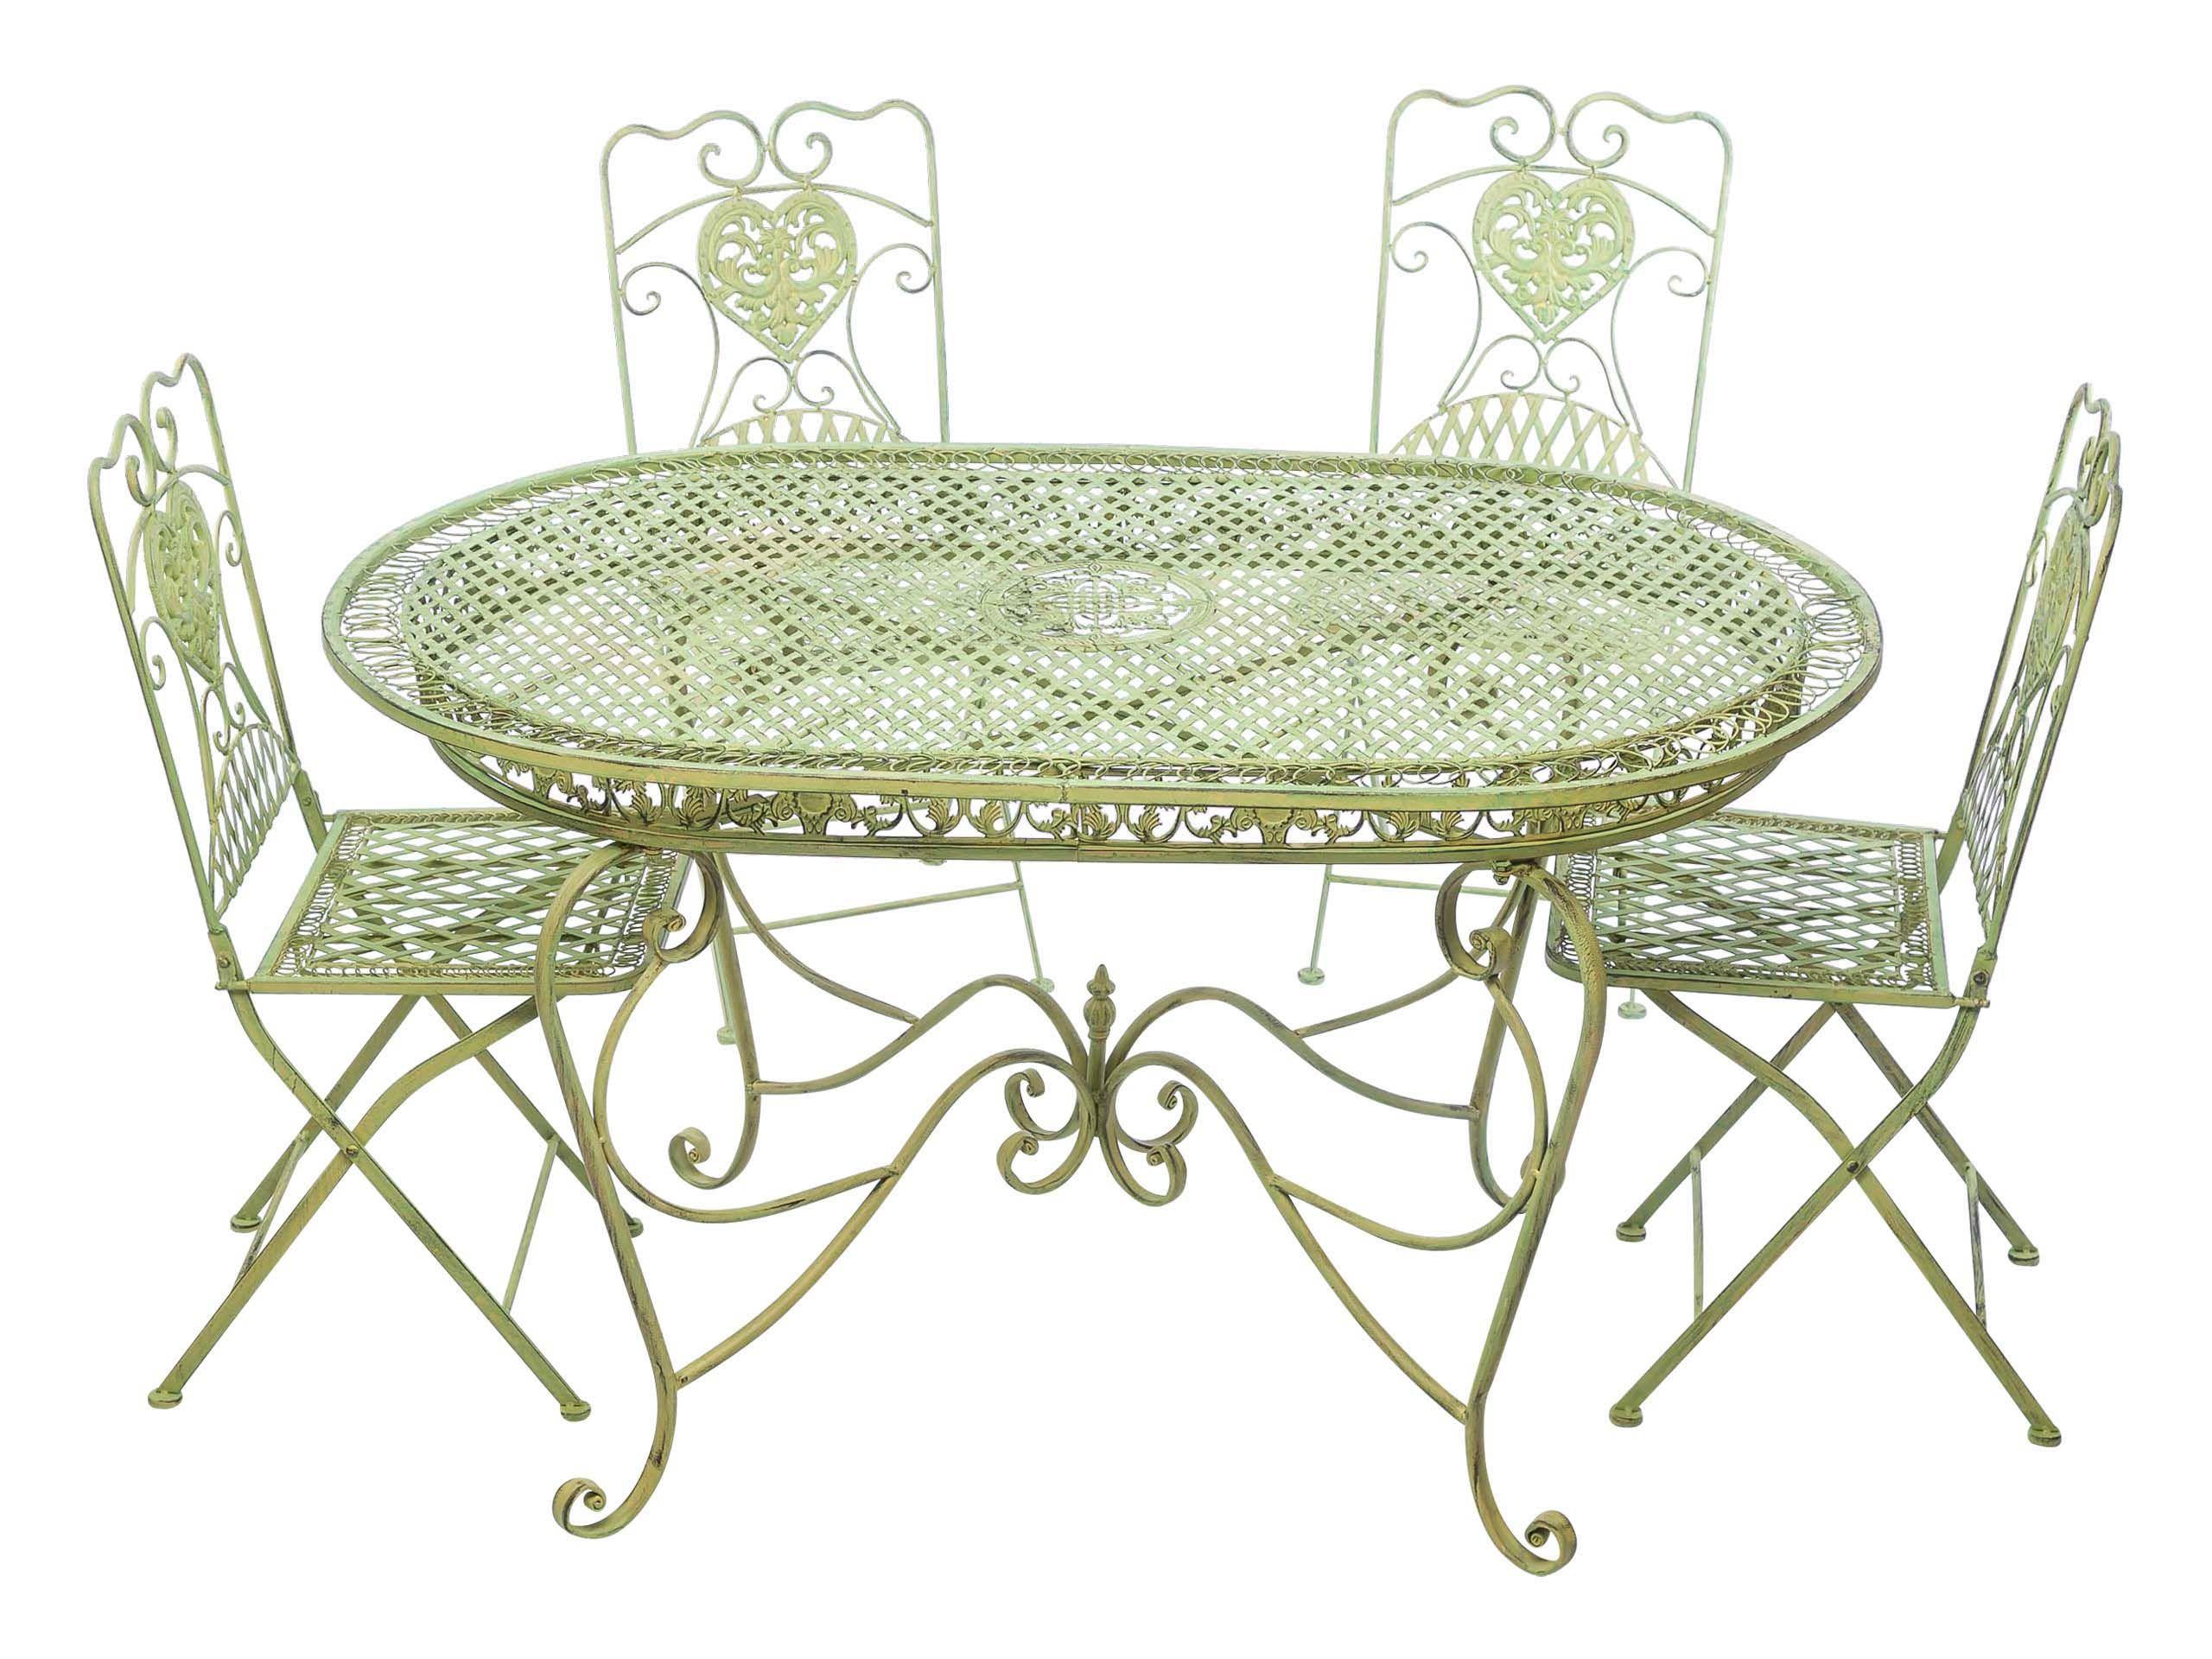 Garnitur Gartentisch 4 Stuhle Grun Eisen Gartenmobel Stuhl Antik Stil Nostalgie Stuhl Grun Gartentisch Stuhle